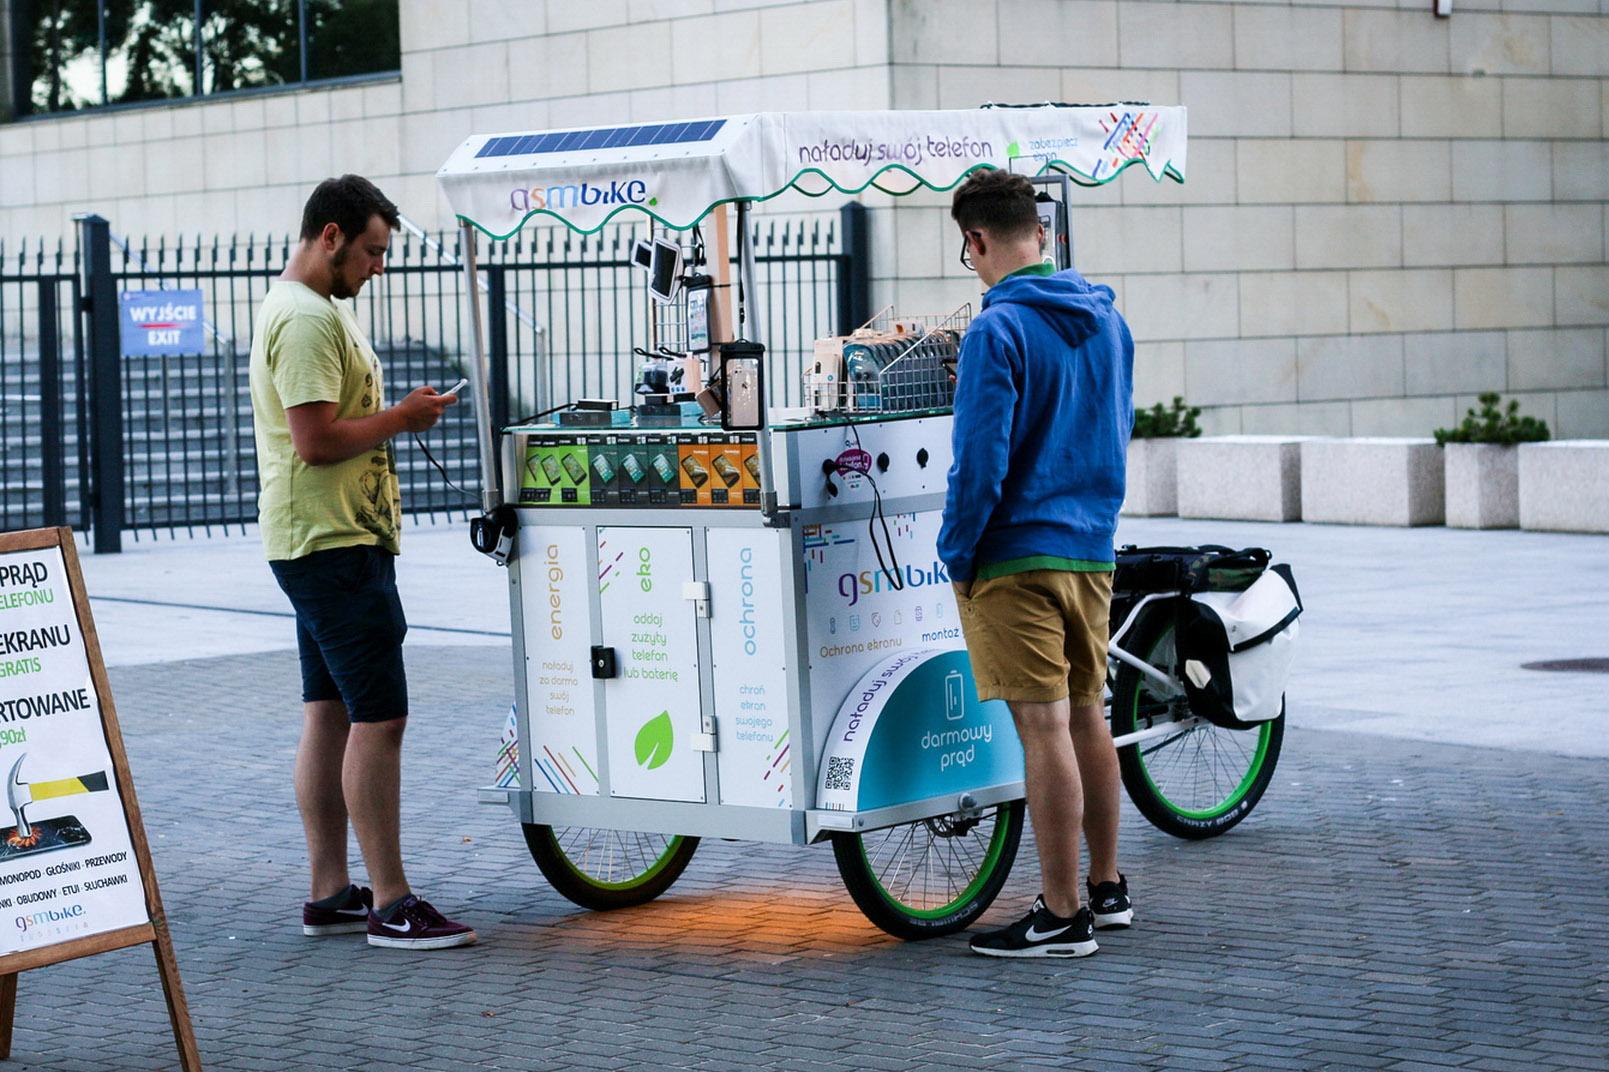 Electric Trike Swego Wwwtollebildcom